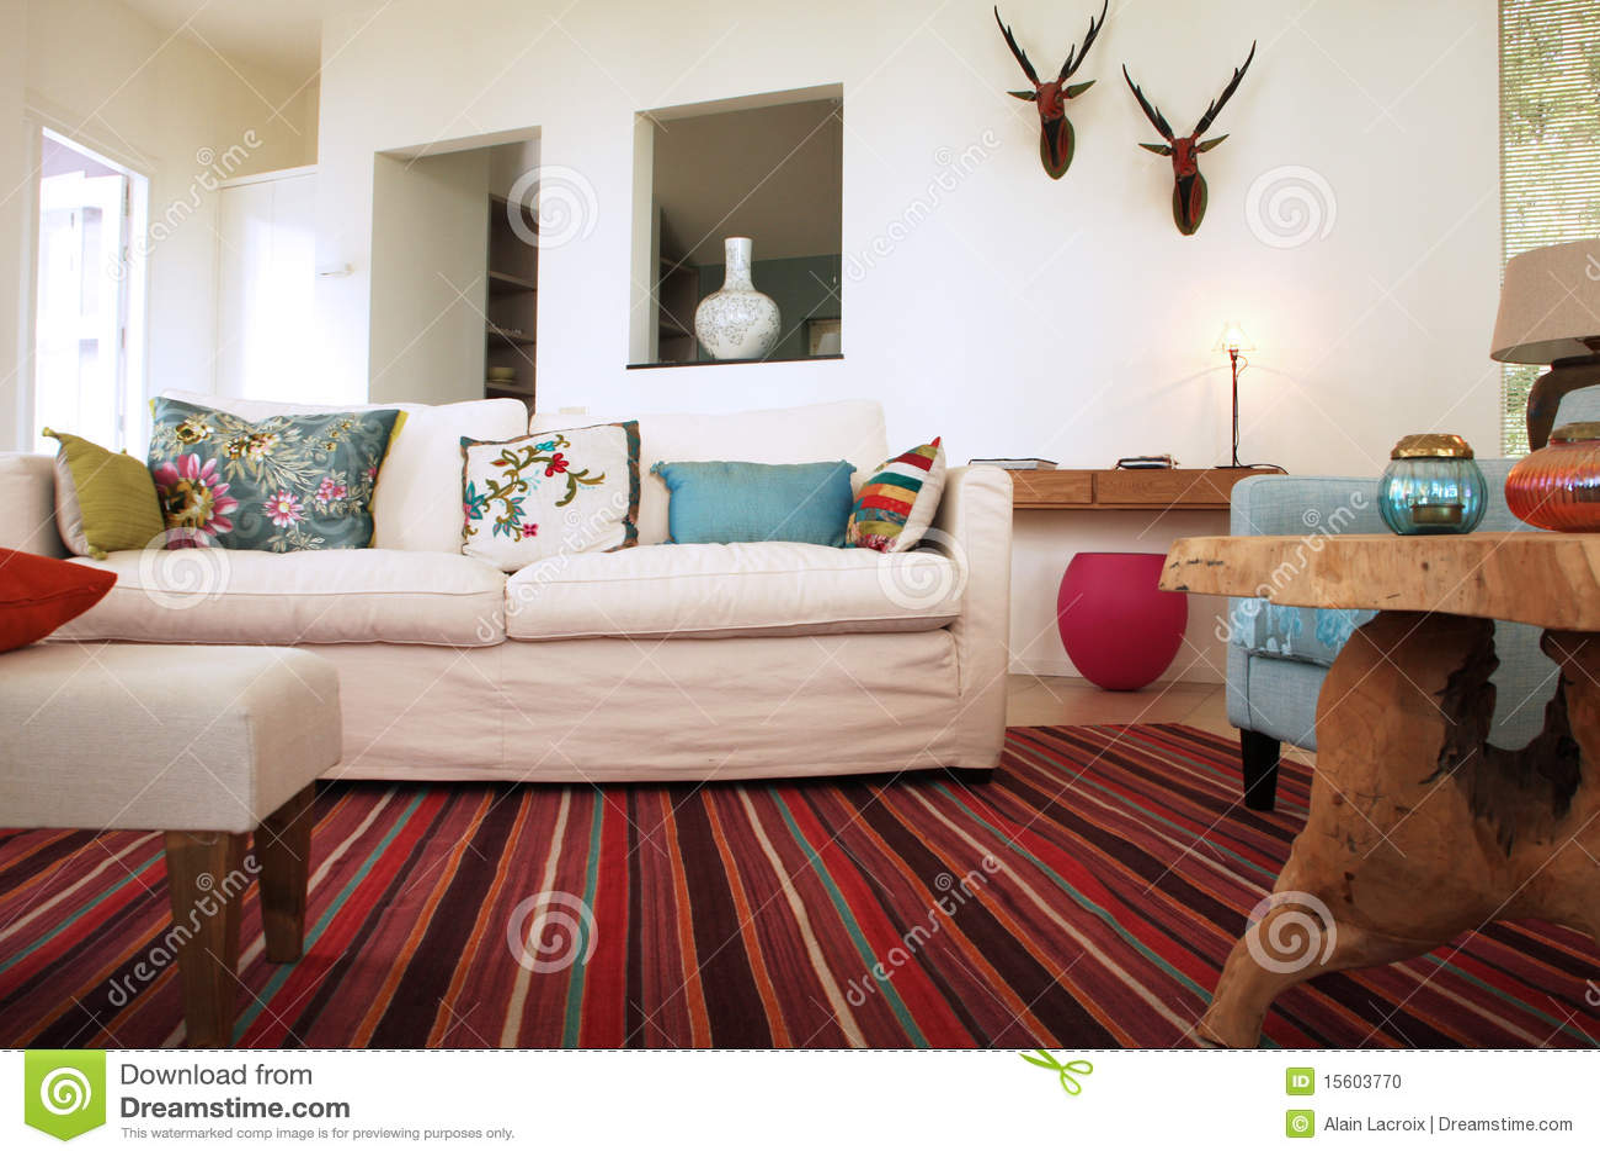 Fantastisches Wohnzimmer